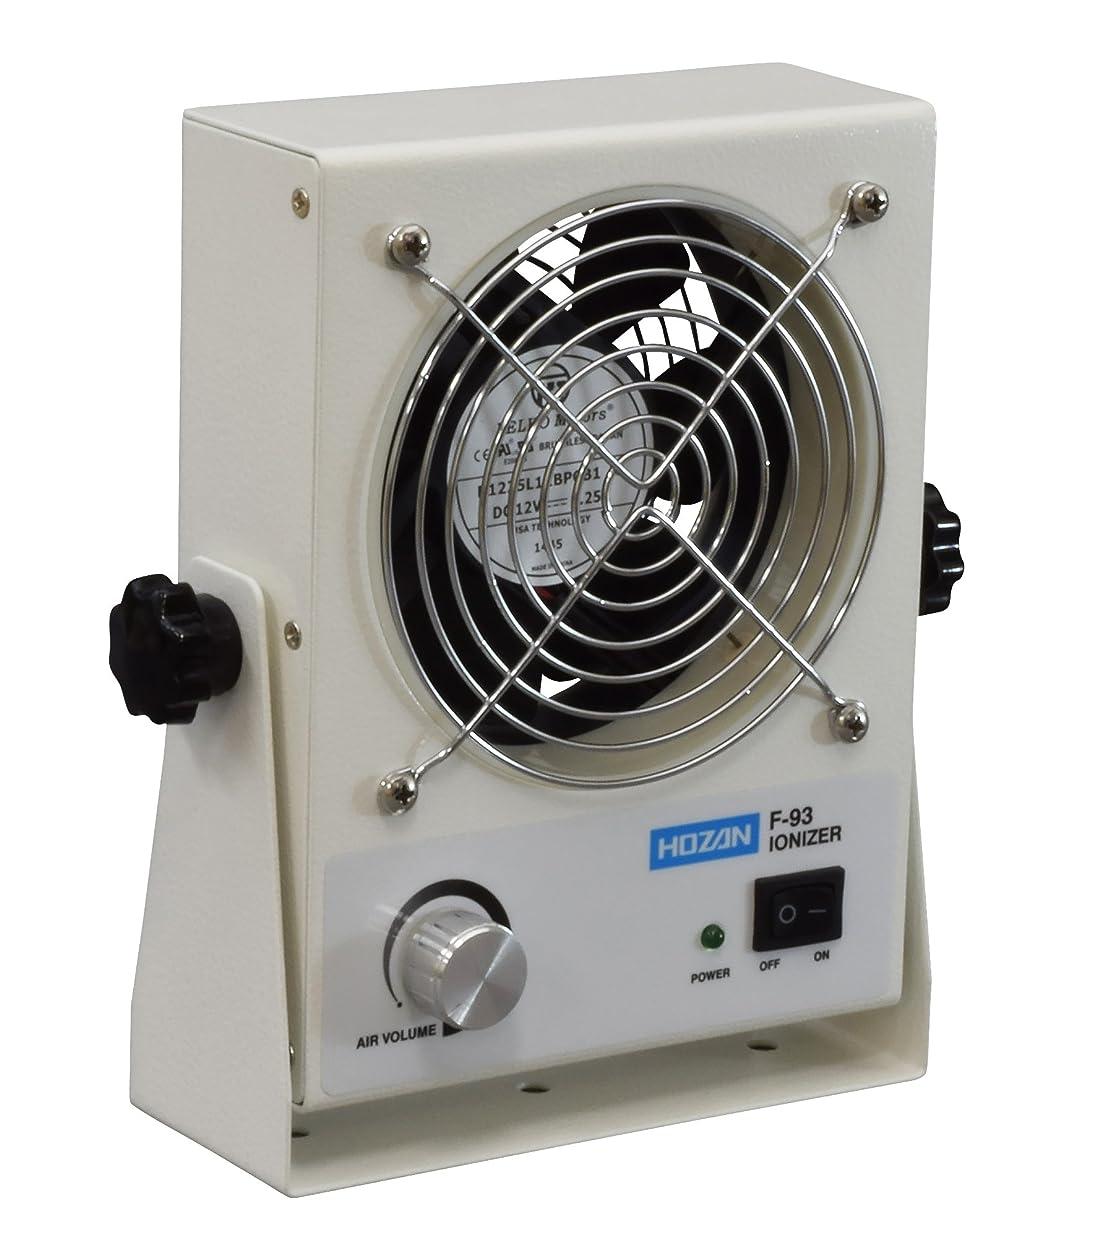 すきインペリアルマーティフィールディングホーザン(HOZAN) イオナイザー 除電器 直流式卓上イオナイザー コンパクトでありながら、大風量で広い範囲をしっかり除電  F-93